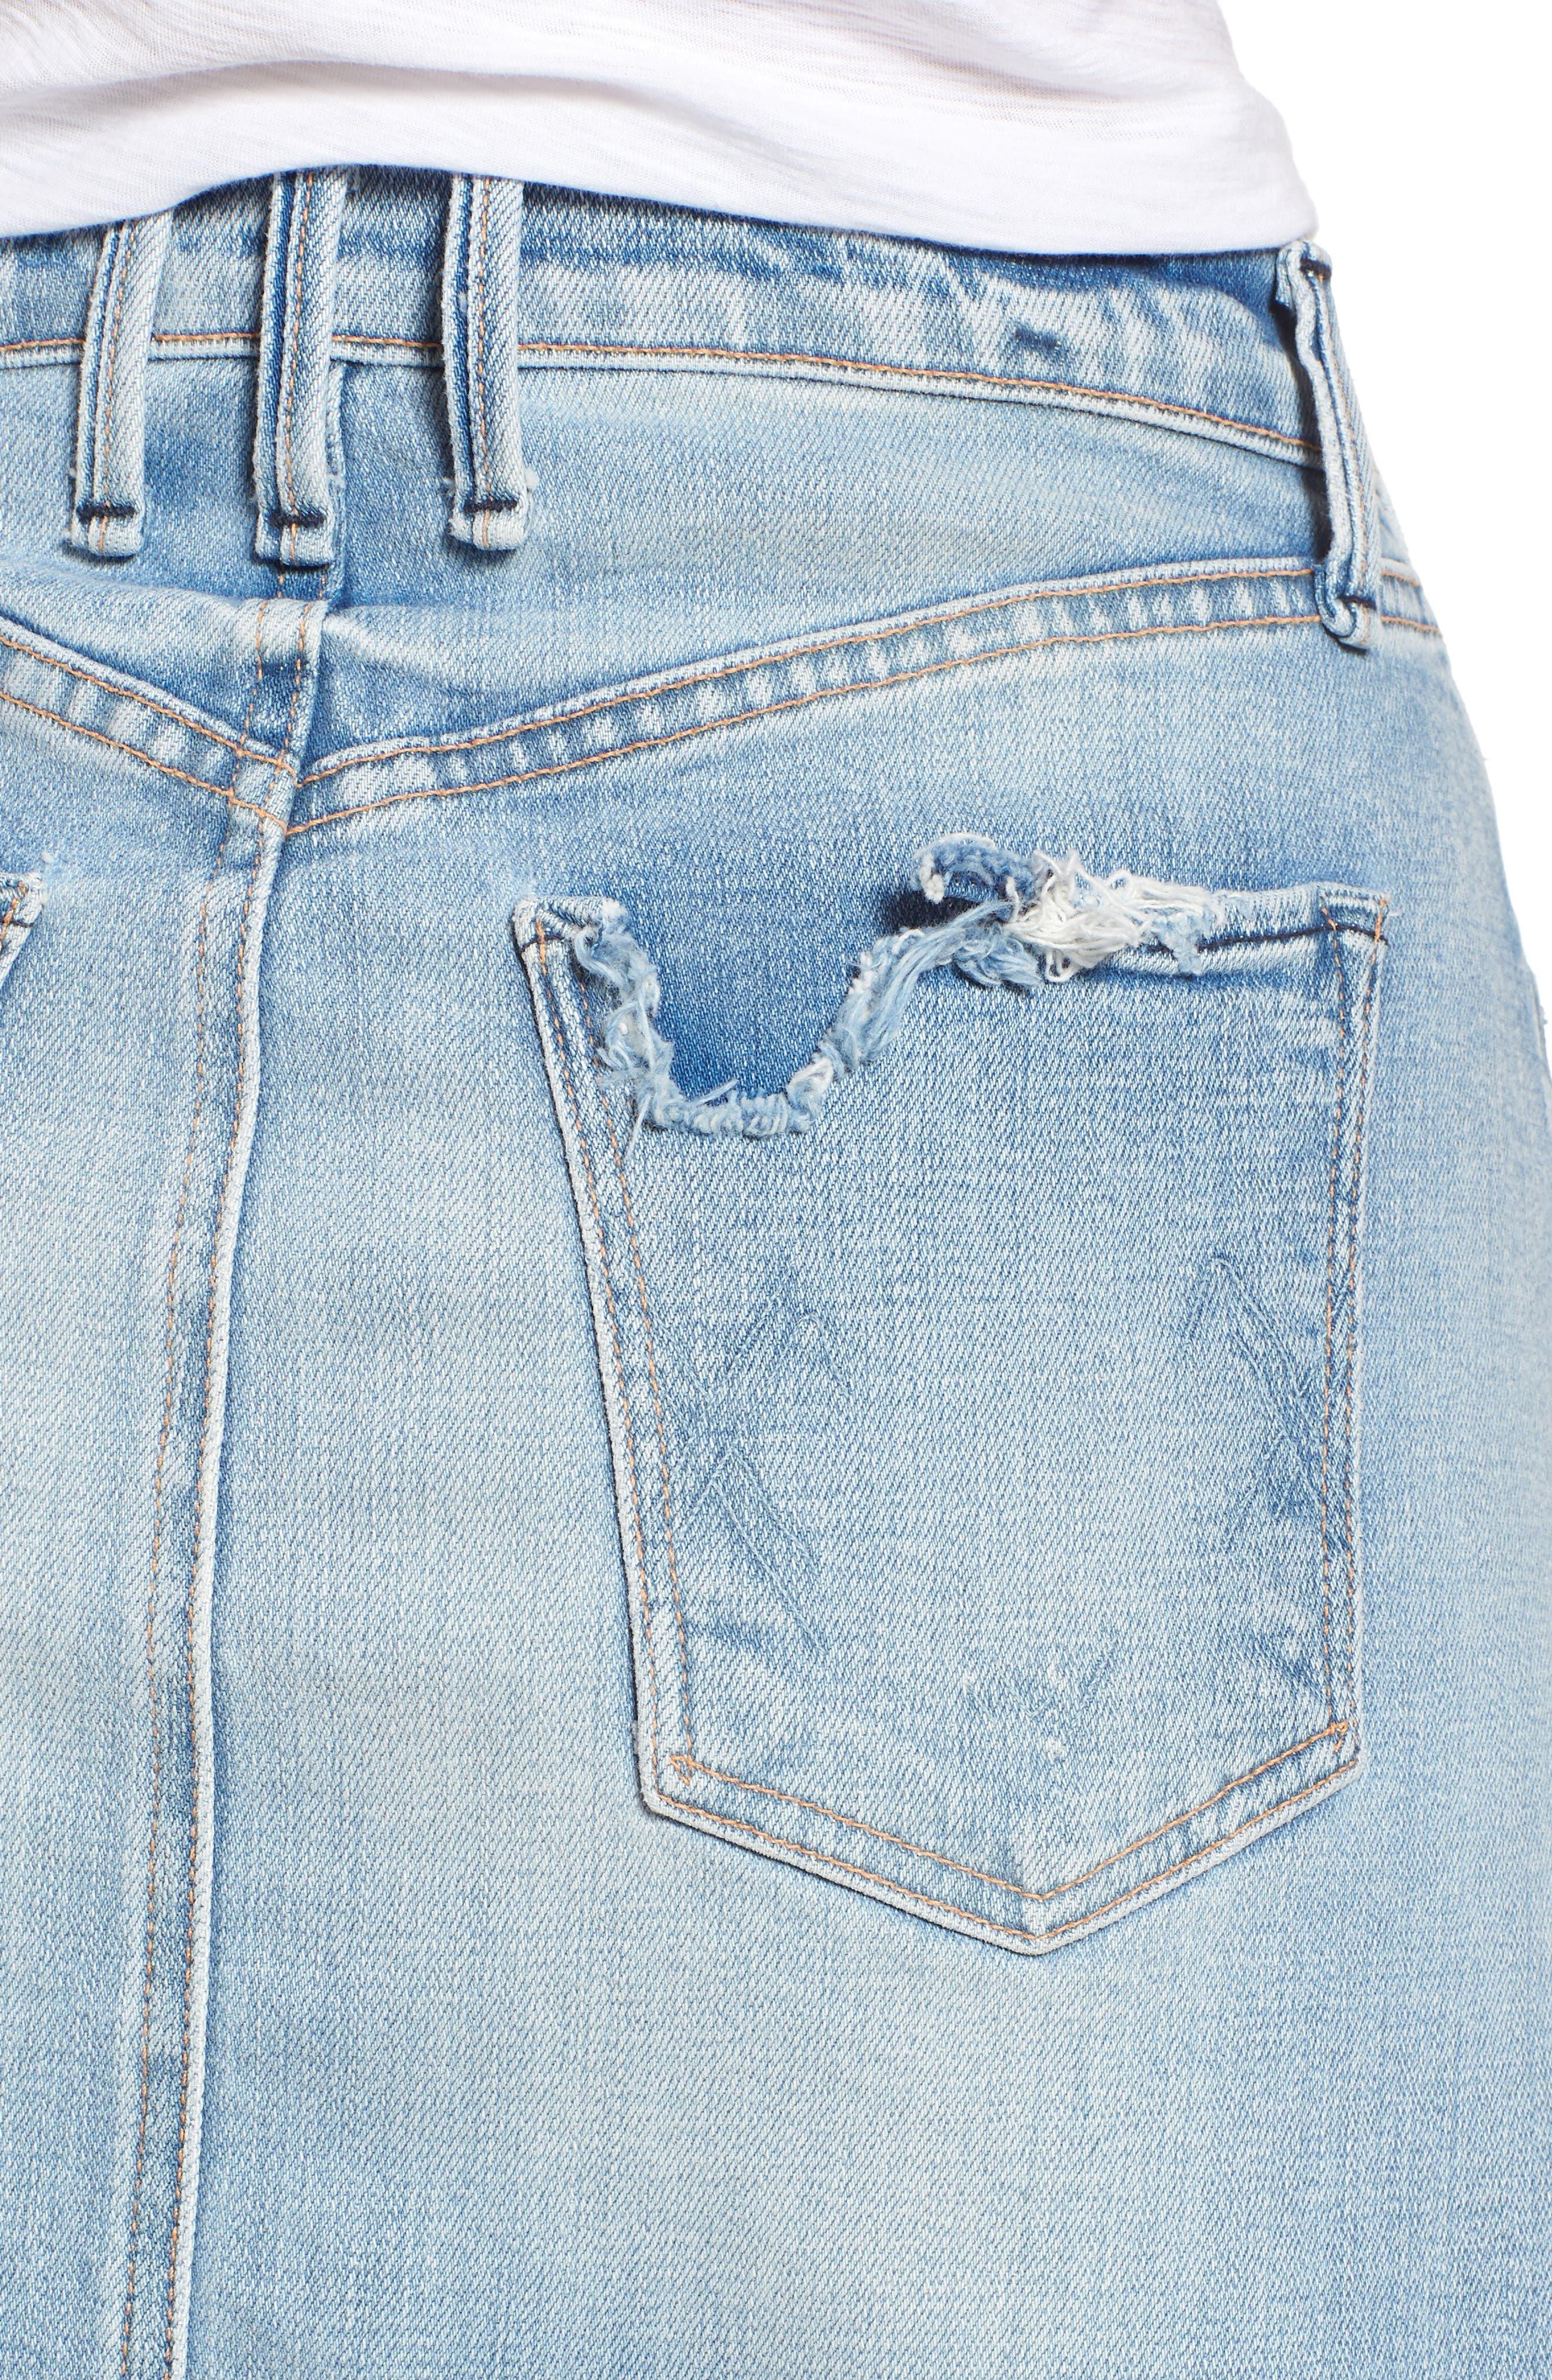 Izabel Angled Hem Denim Skirt,                             Alternate thumbnail 4, color,                             DONT FADE AWAY